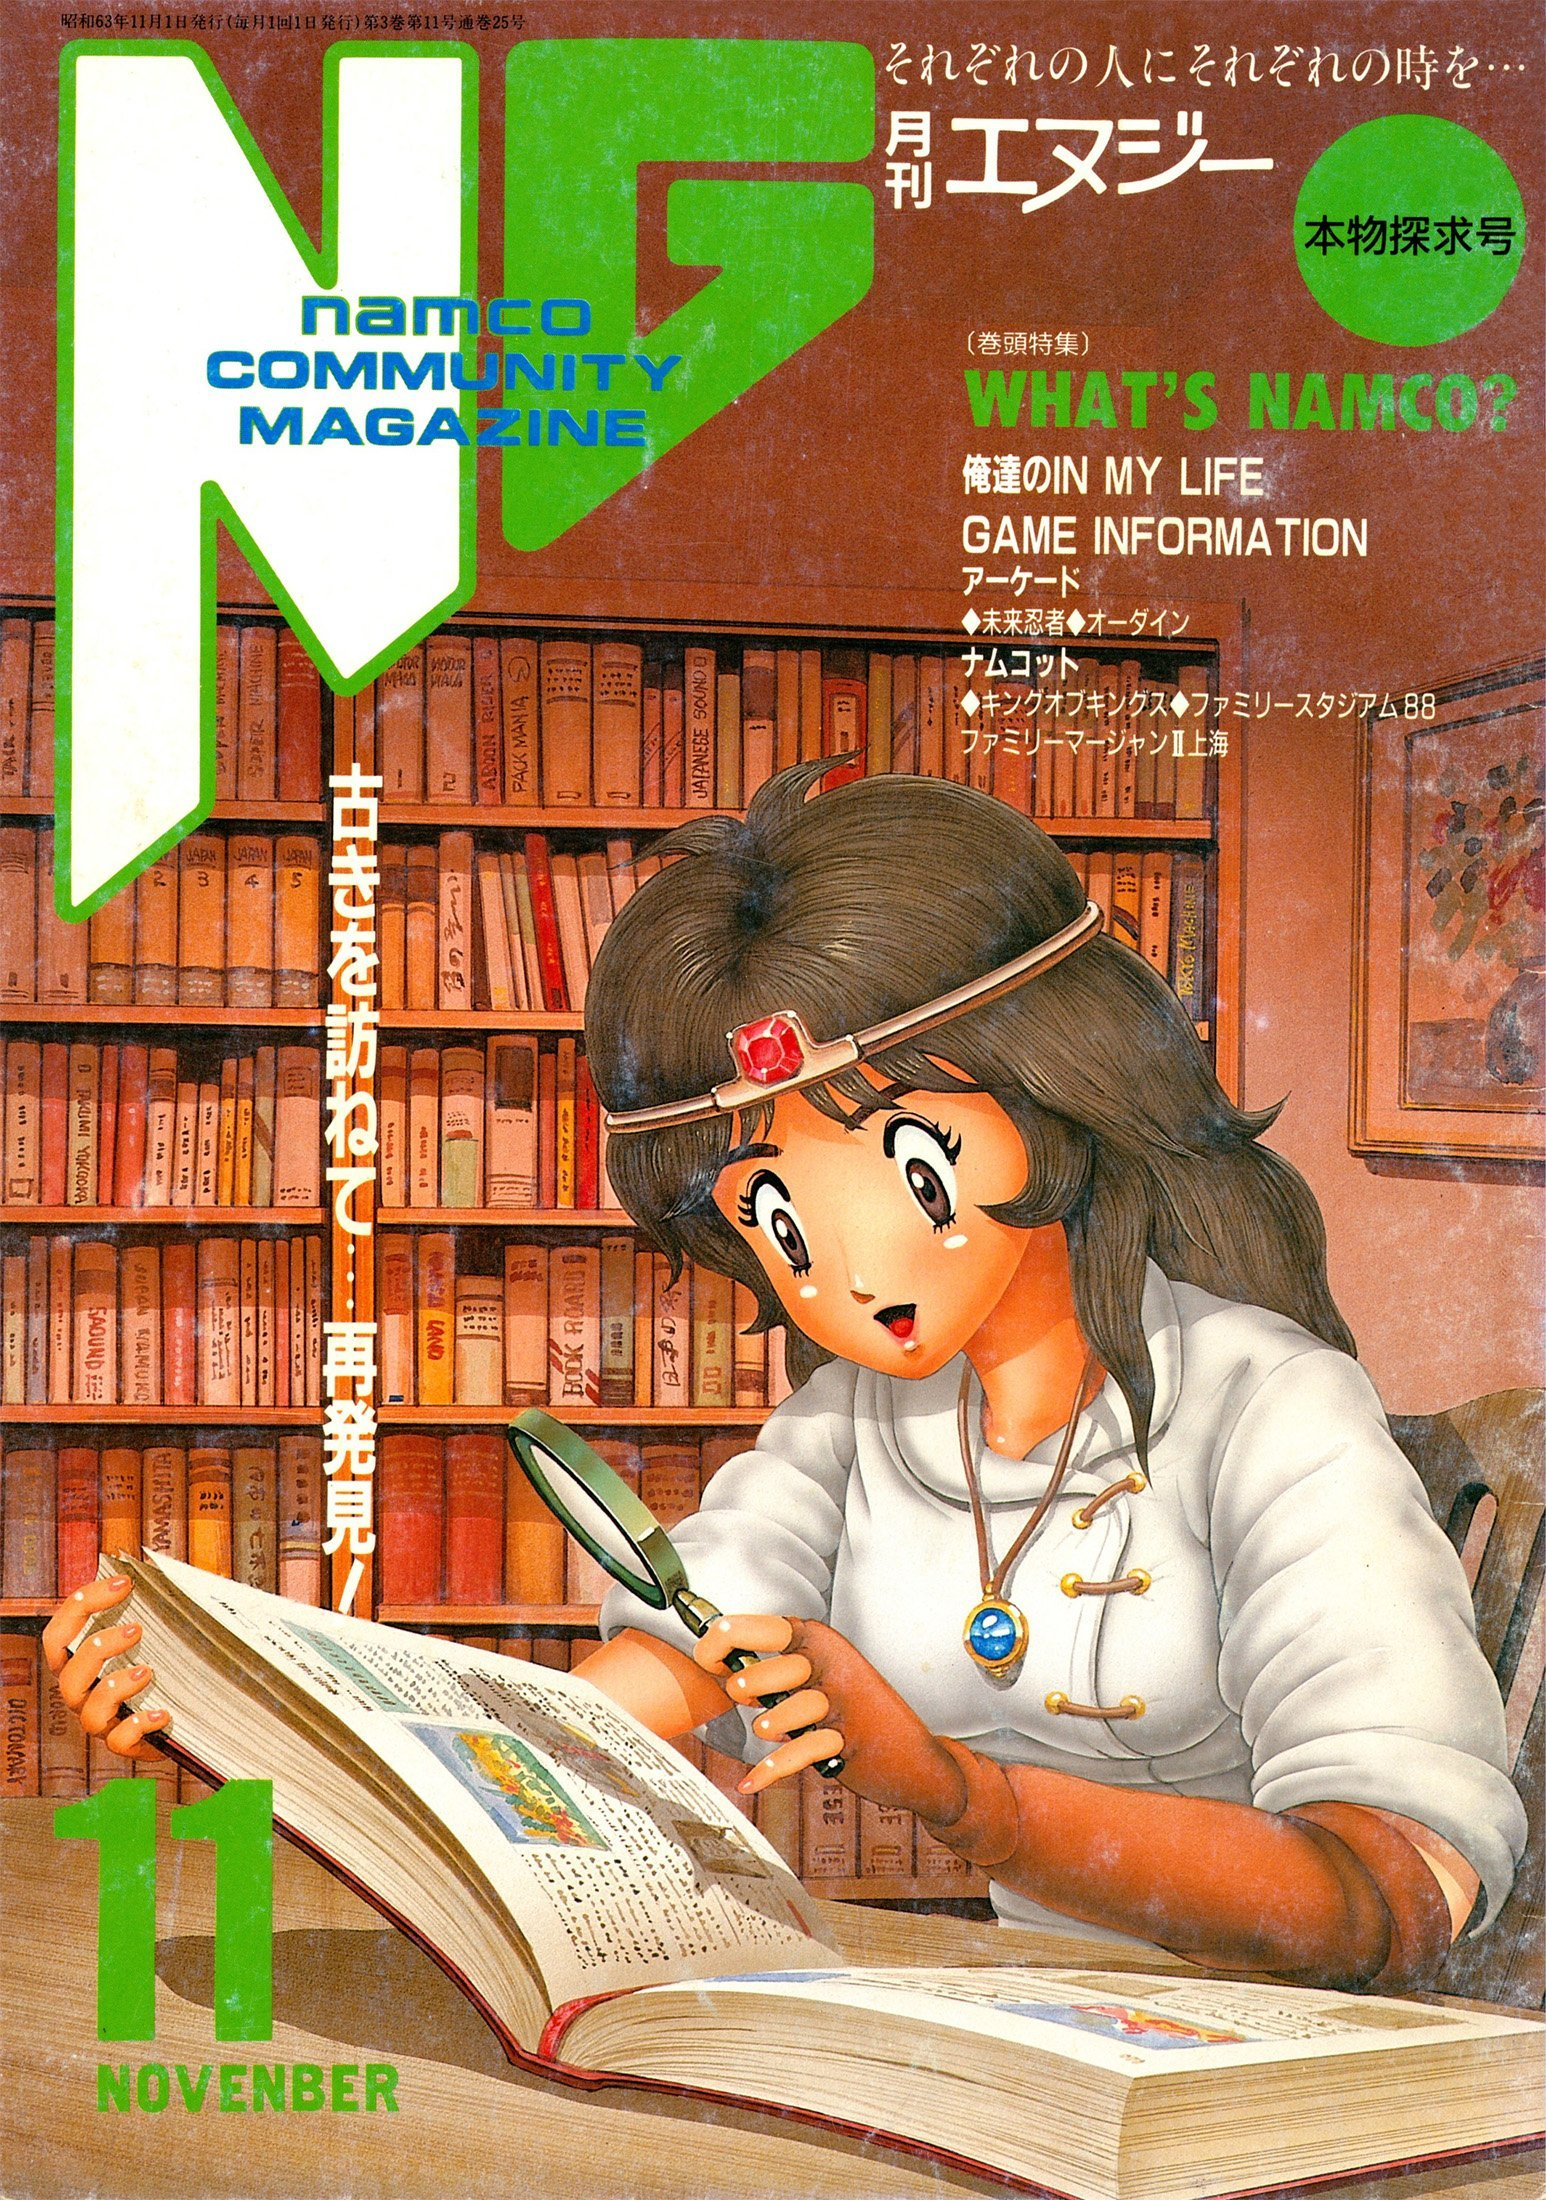 NG Namco Community Magazine Issue 25 (November 1988)